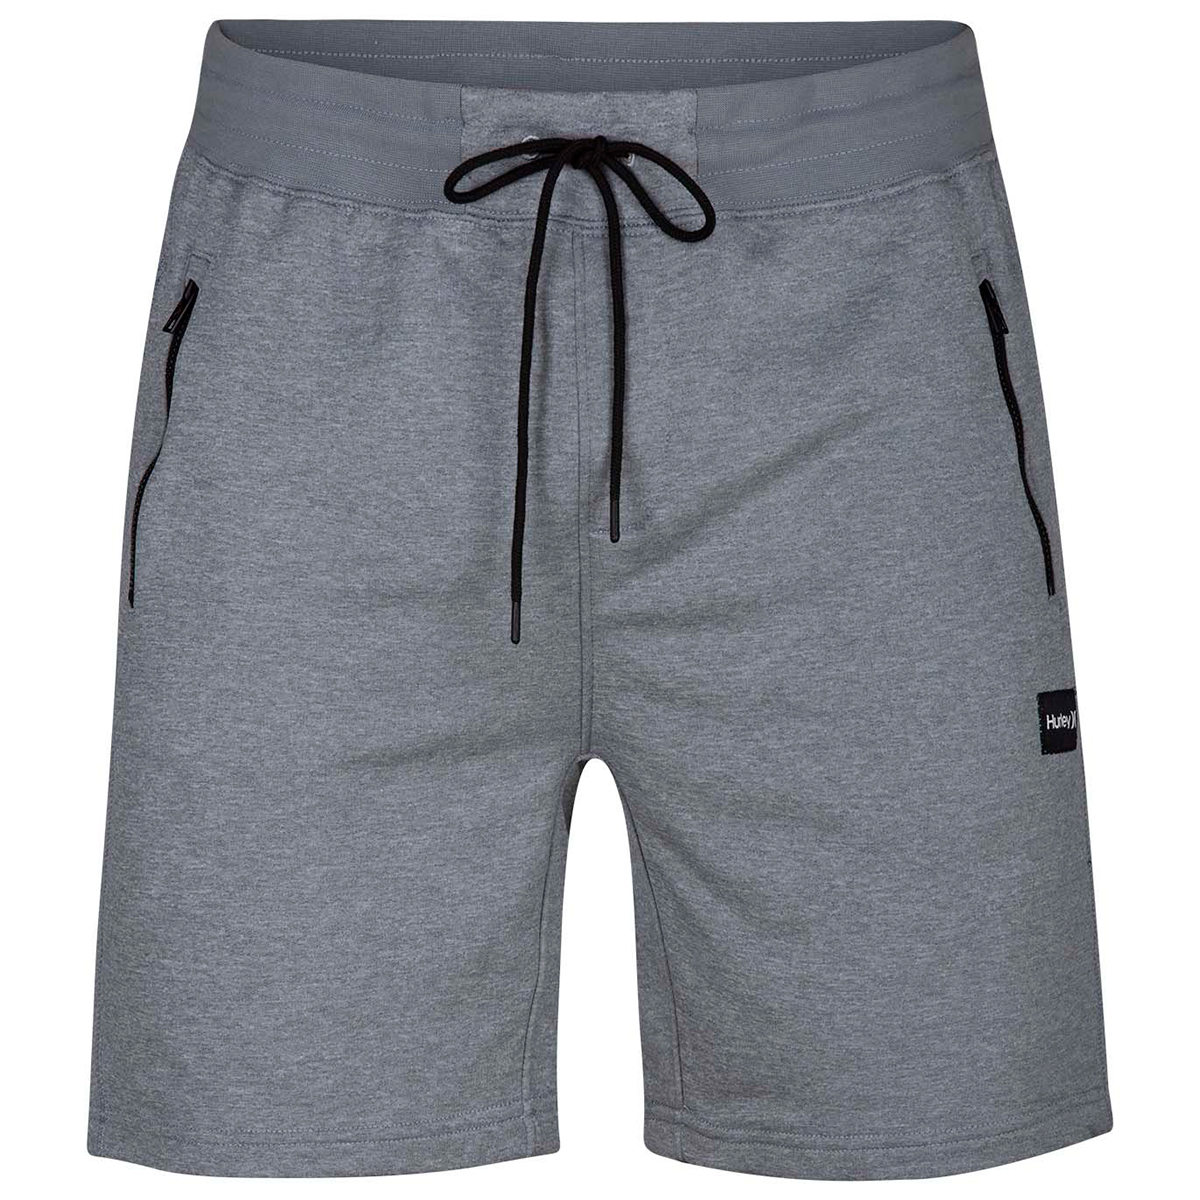 Hurley Men's Dri-Fit Disperse Shorts - Black, L